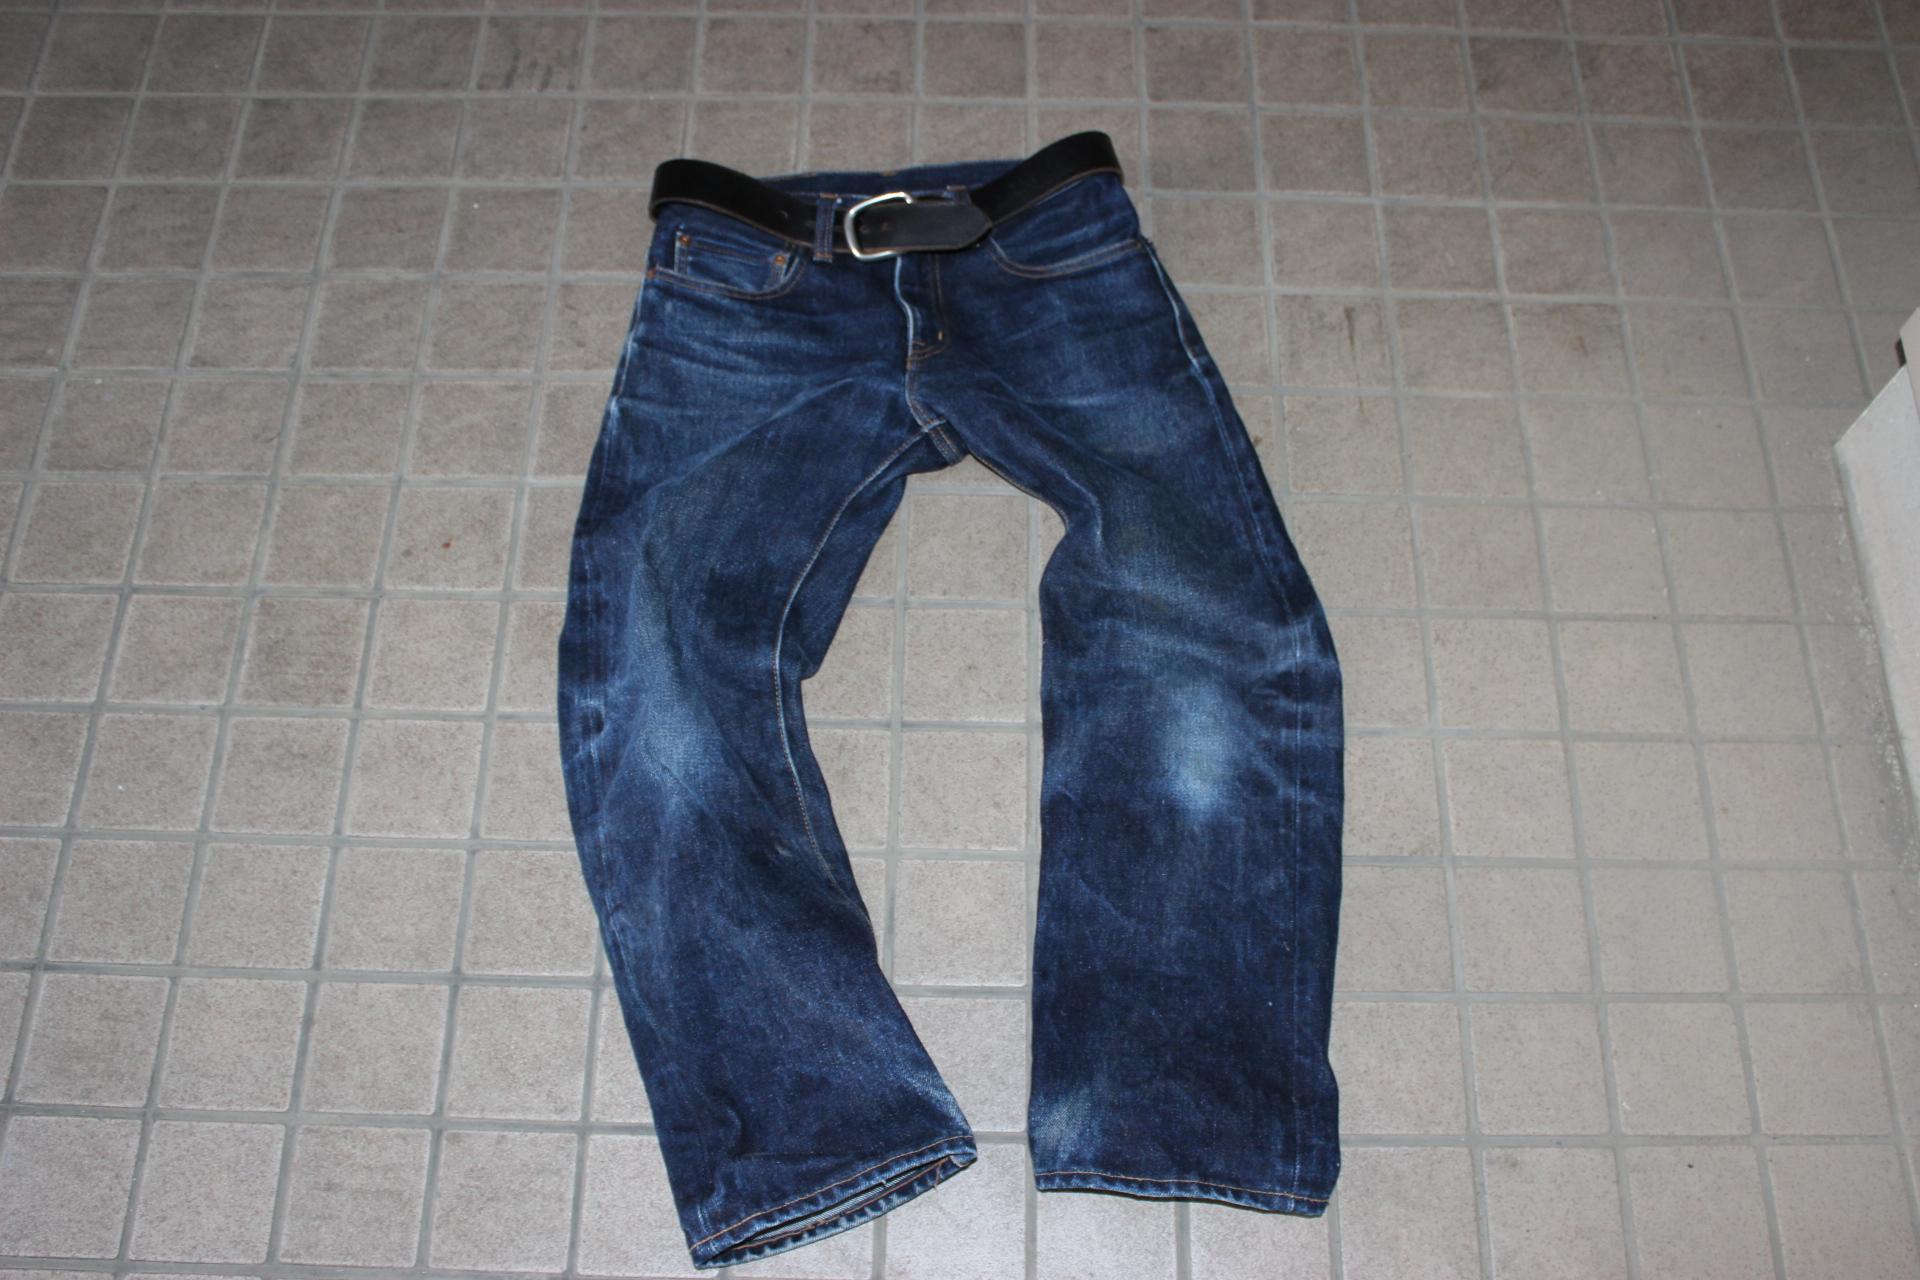 【おすすめのジーンズ】岡山 児島ジーンズ 23オンス(RNB-108)の色落ち